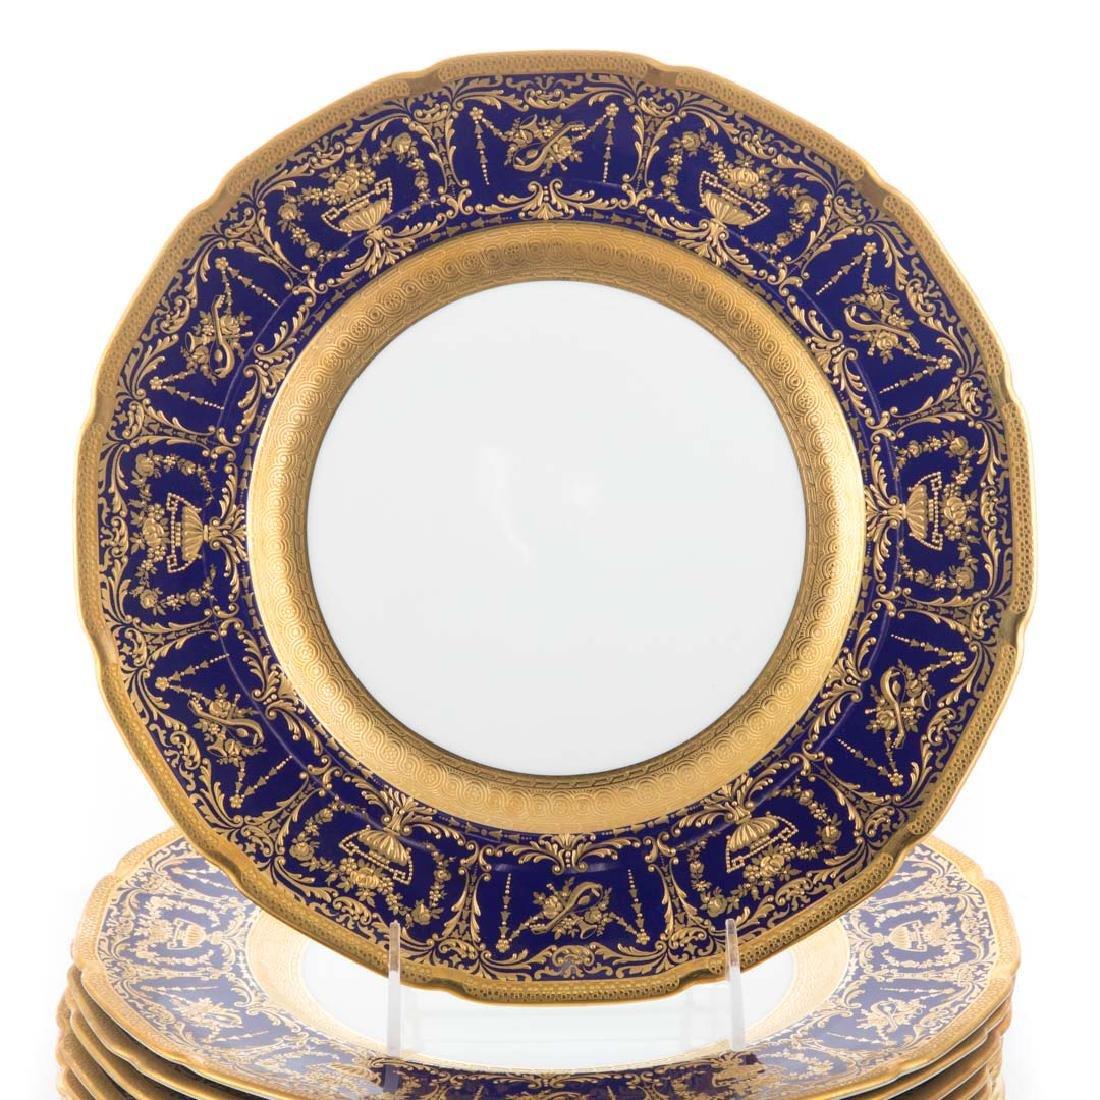 12 Royal Doulton cobalt banded cabinet plates - 2